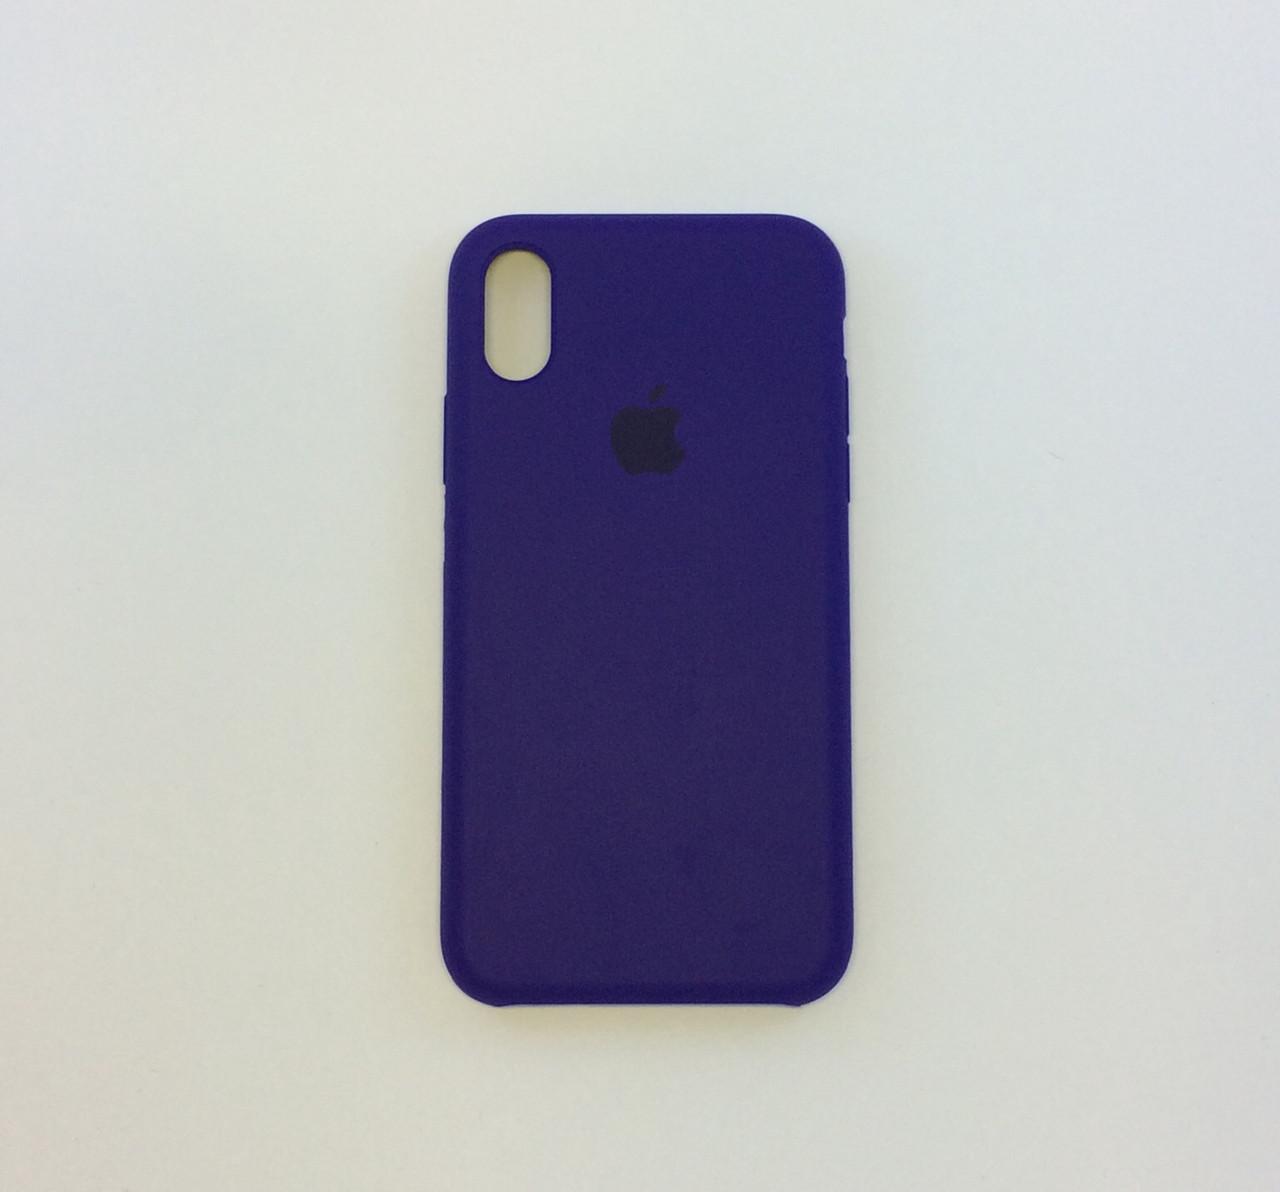 Силиконовый чехол iPhone Xs Max, ультрафиолетовий, copy original